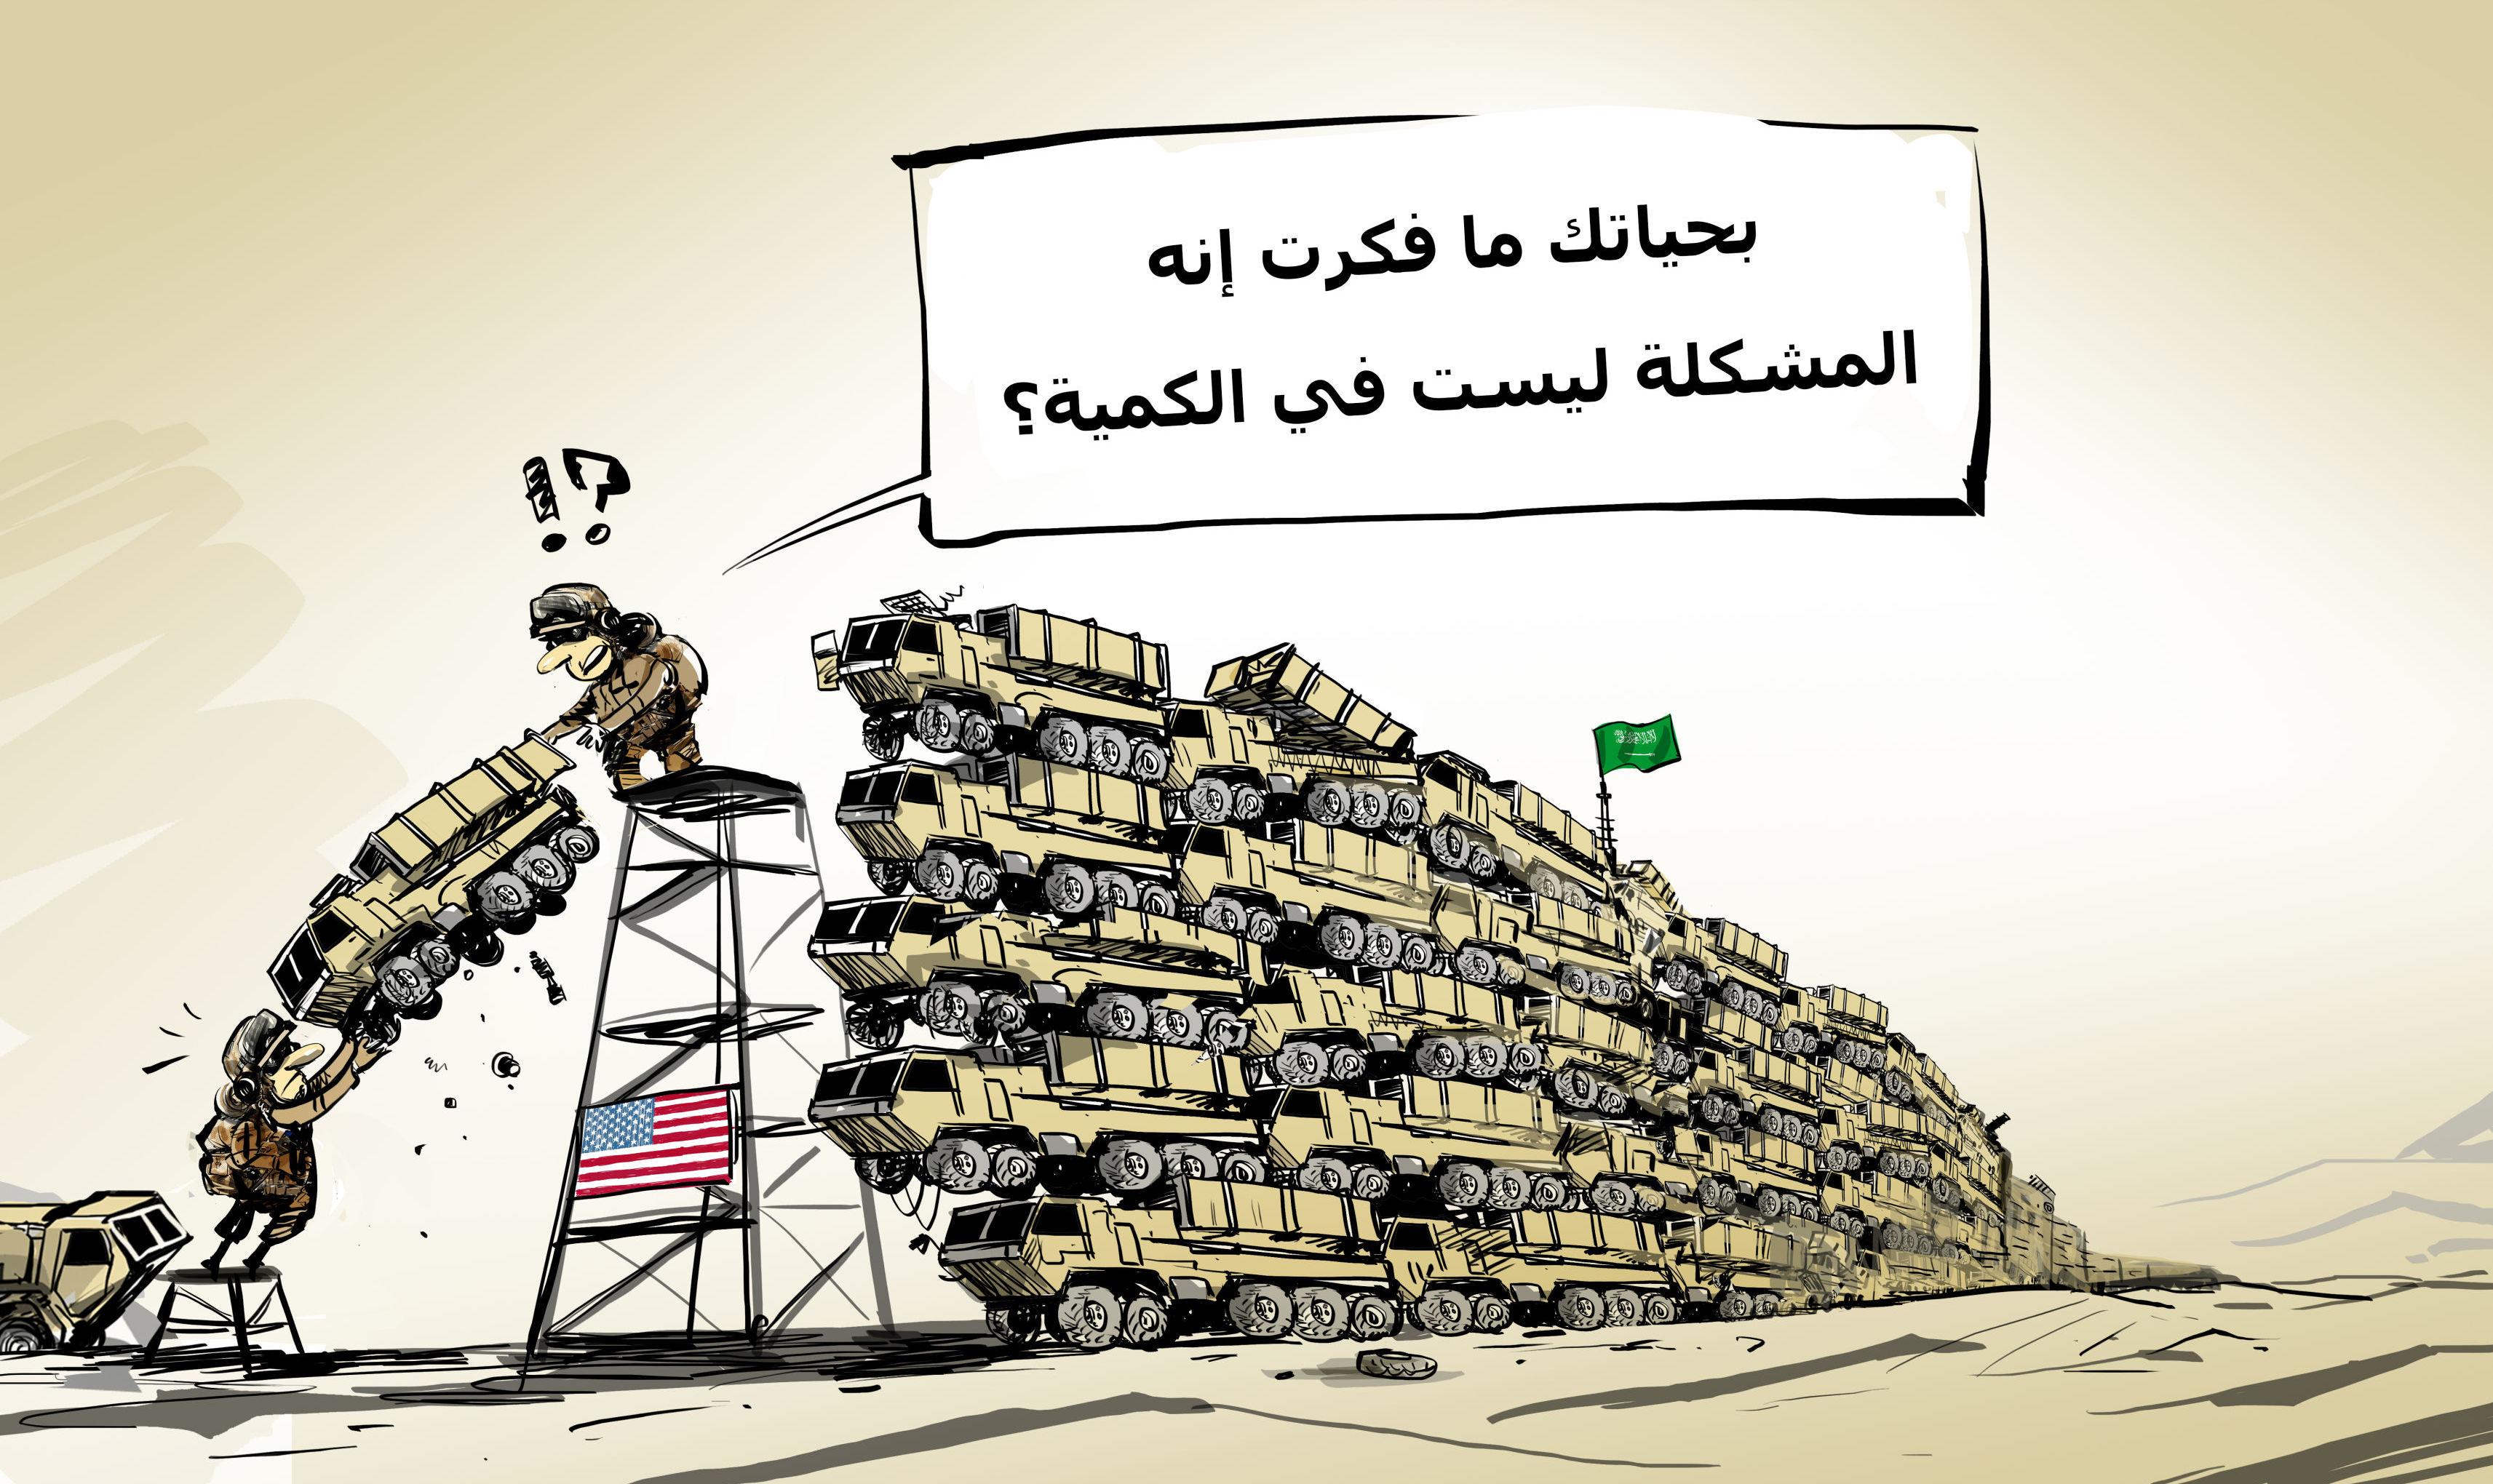 نشر صواريخ باتريوت وأجهزة رادار ونحو 200 جندي أمريكي في السعودية